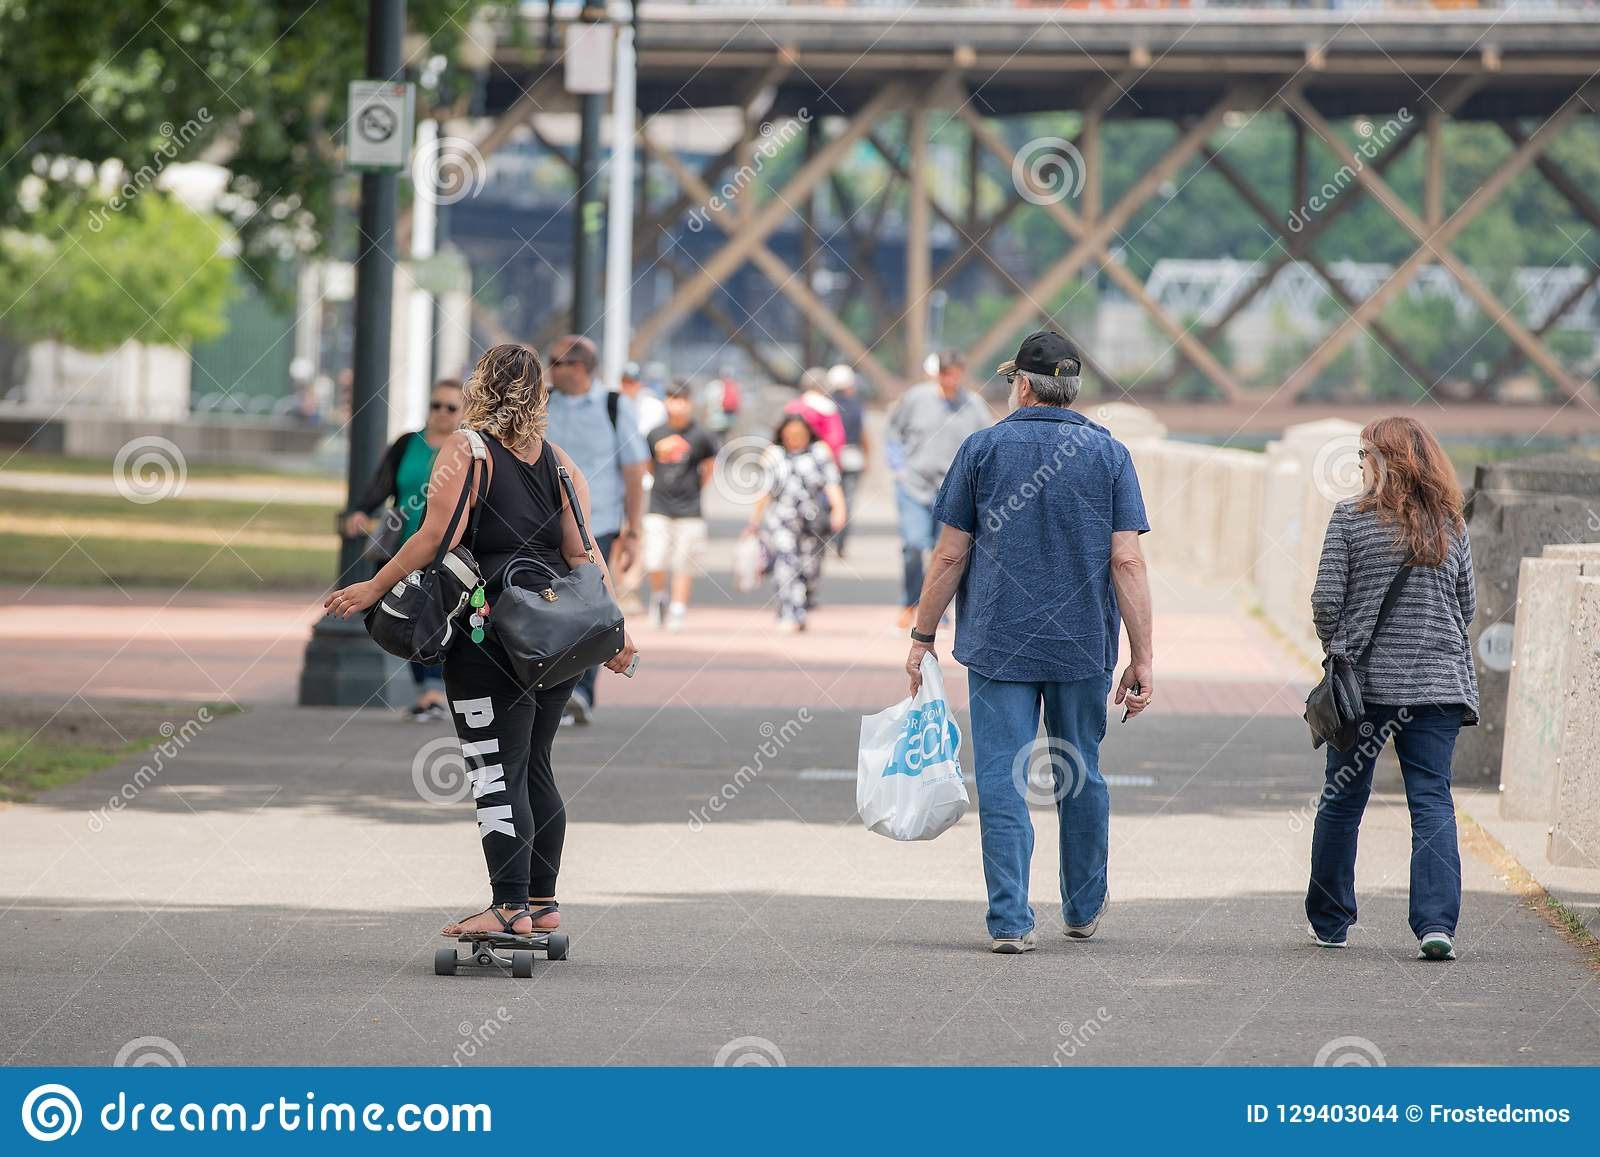 Μελαχροινή ξεφλουδισμένη γυναίκα με δύο τσάντες που οδηγούν skateboard